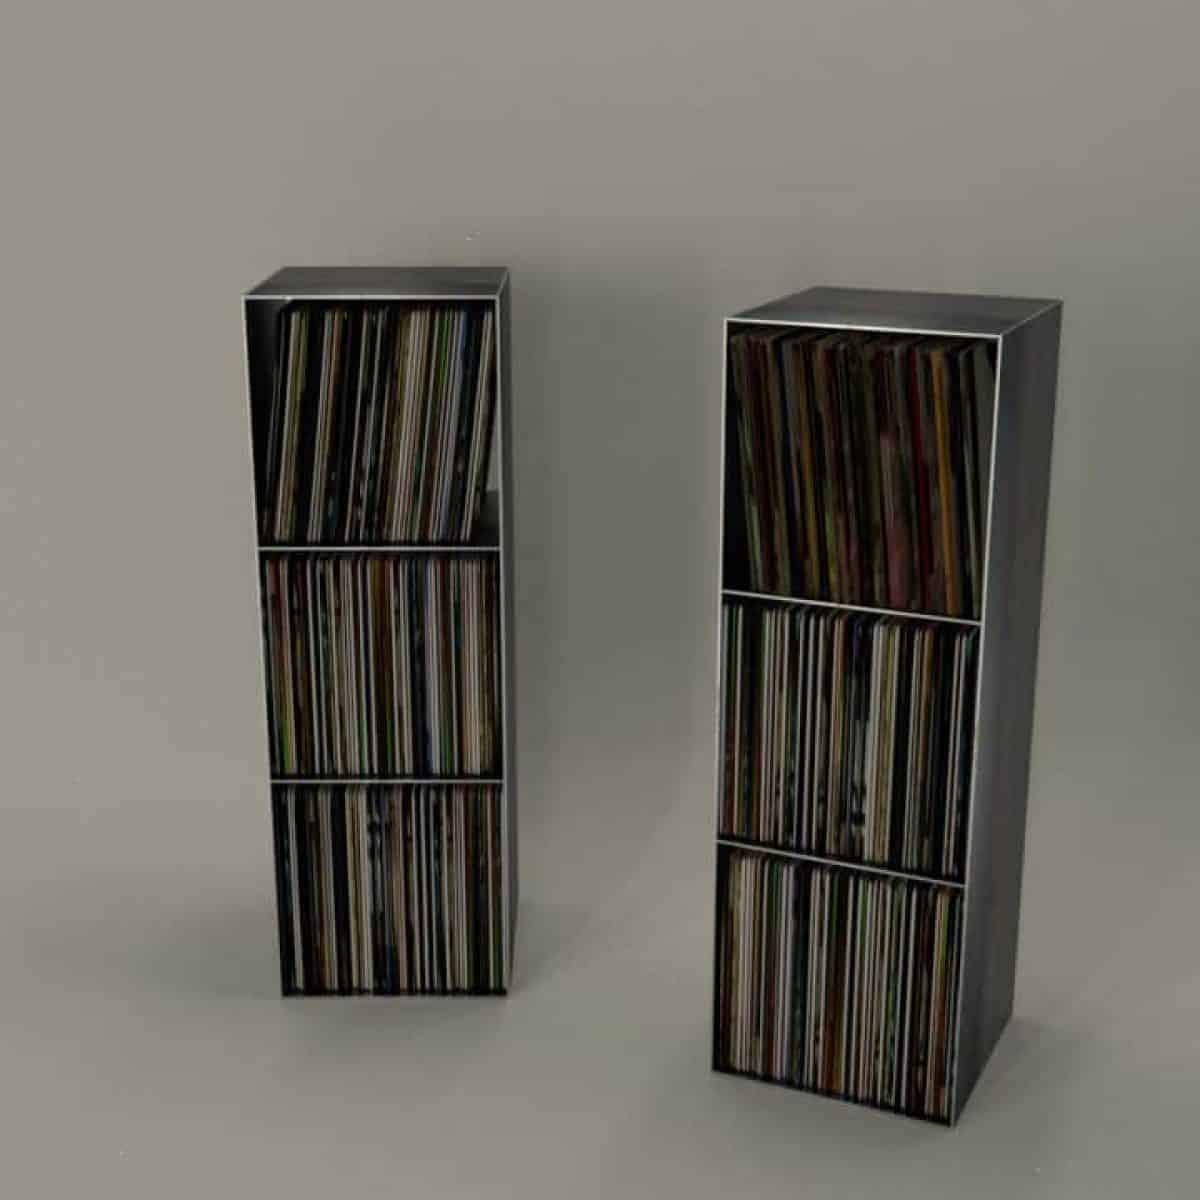 Full Size of Regalwürfel Metall Schallplatten Regal Classic 018 Schwarz Regale Weiß Bett Wohnzimmer Regalwürfel Metall